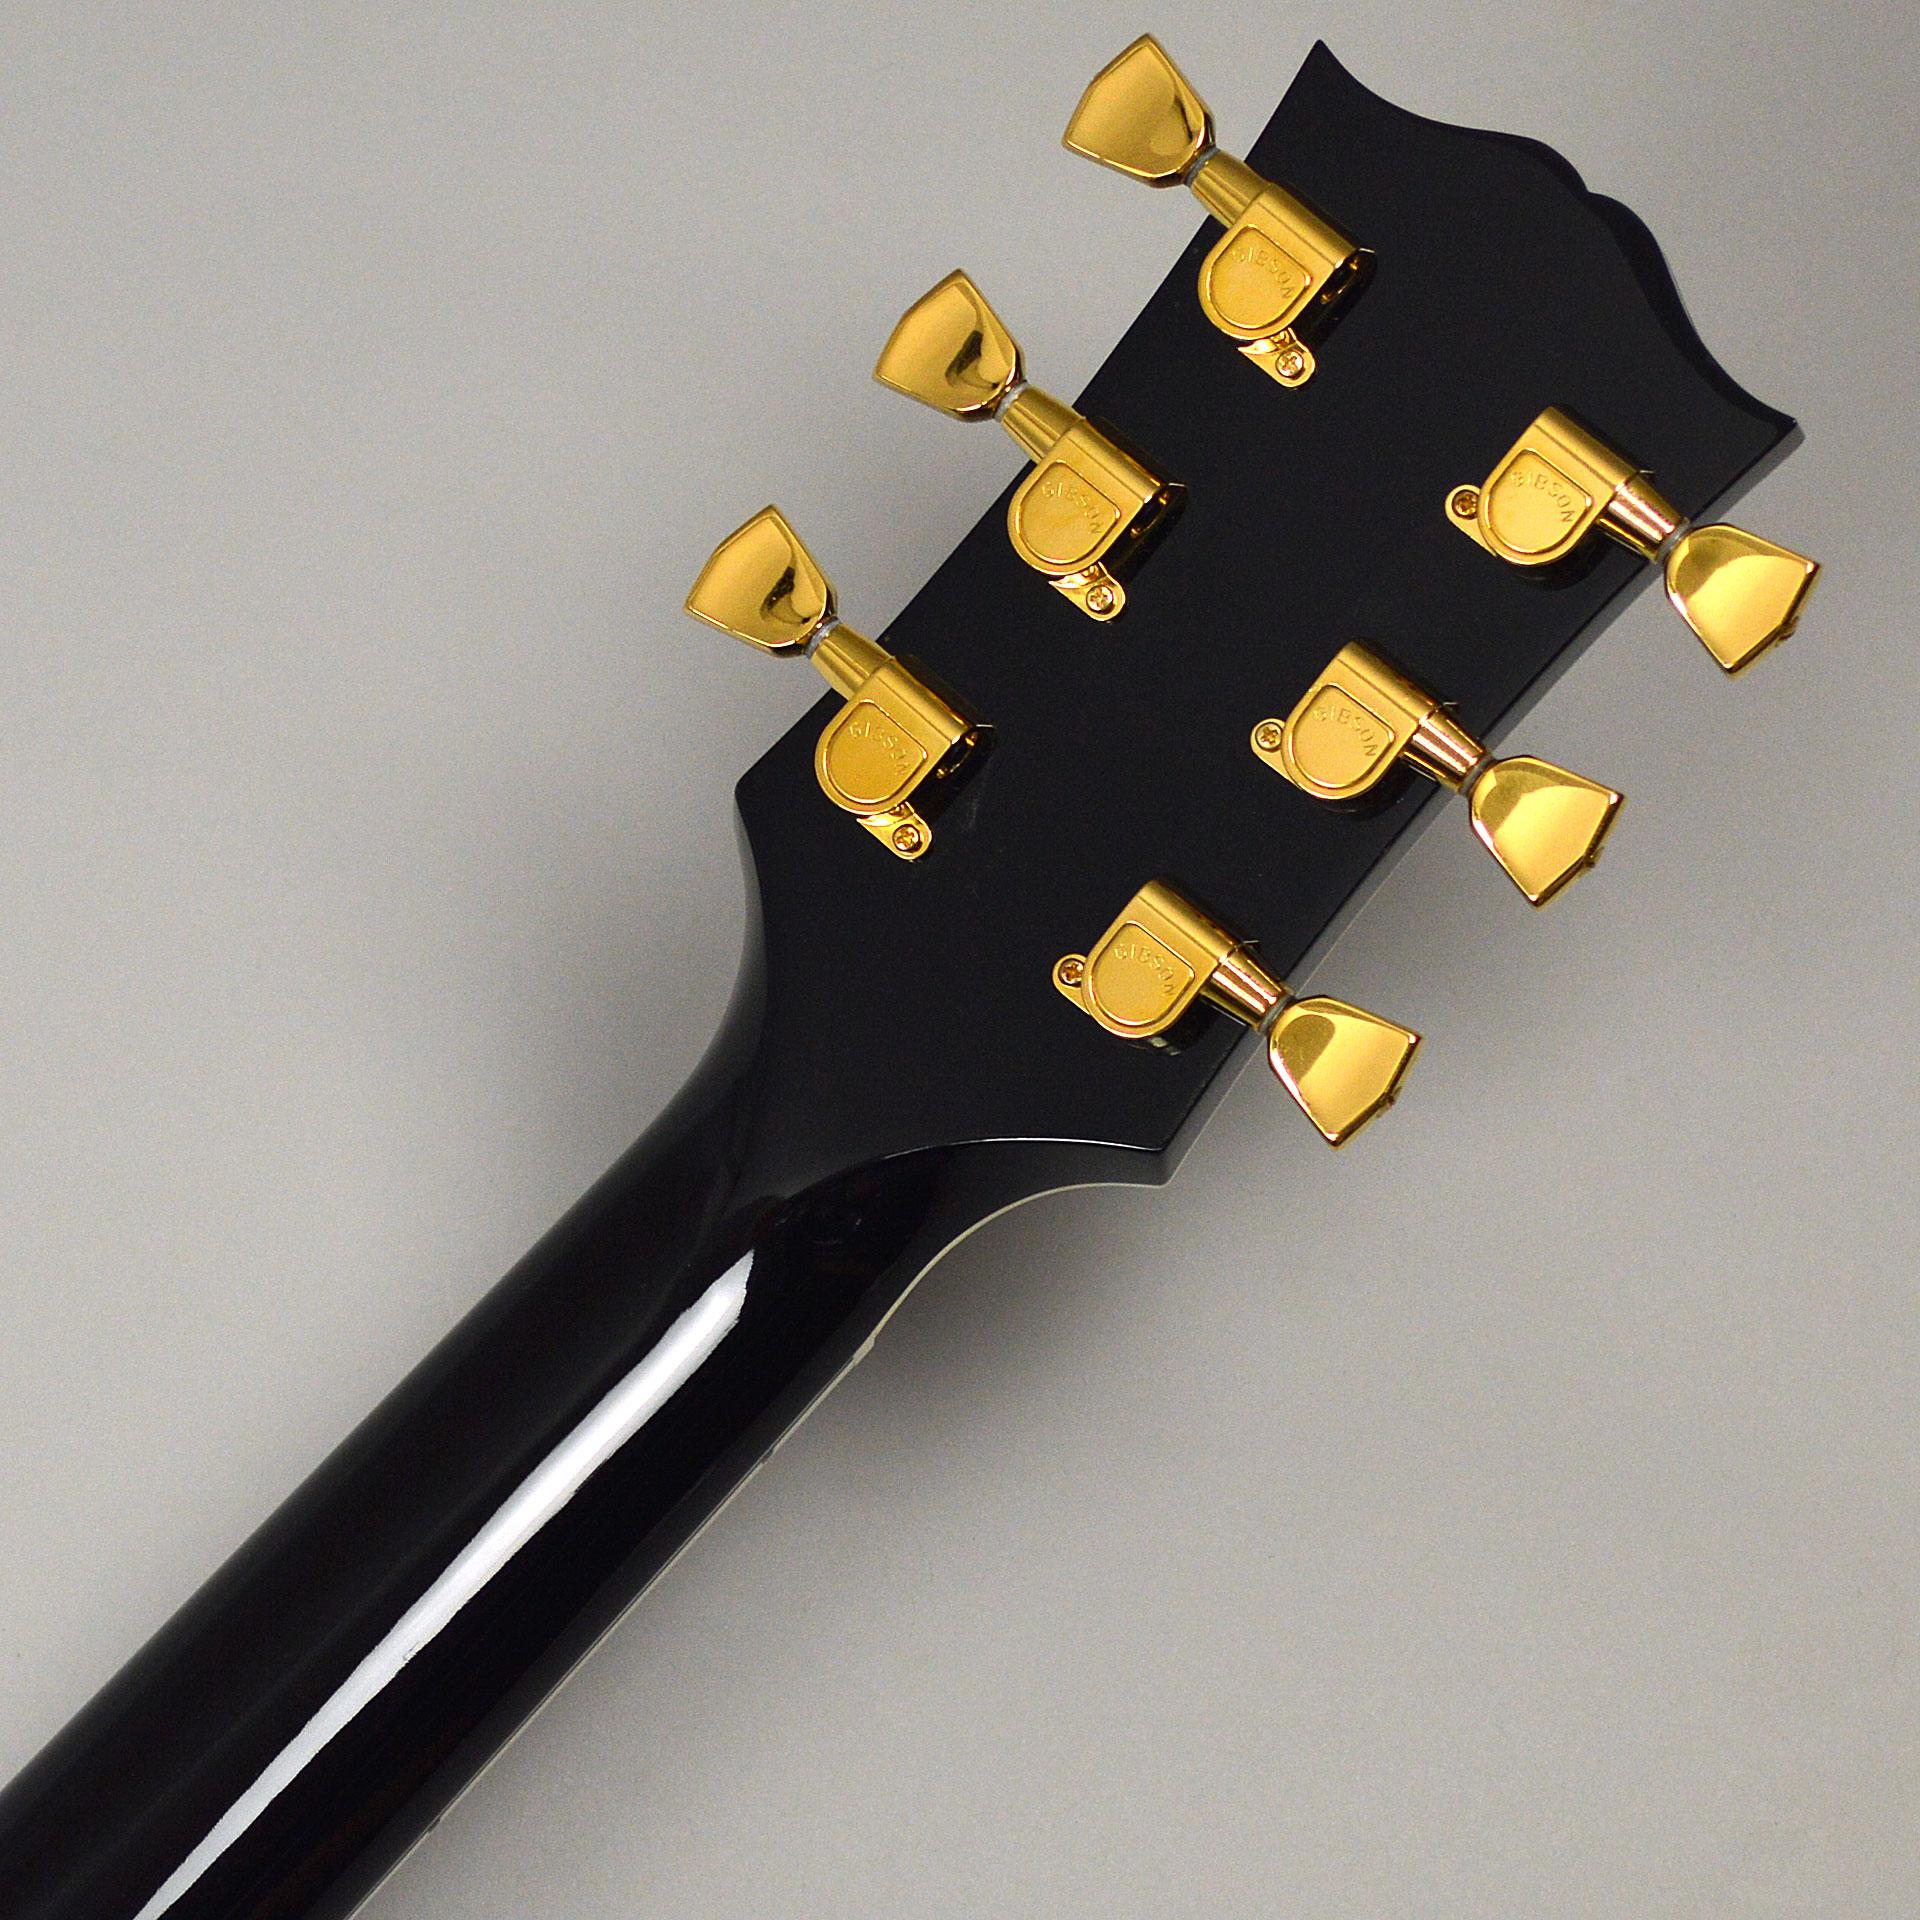 【中古】Gibson Custom Wes Montgomery Ebonyのヘッド裏-アップ画像